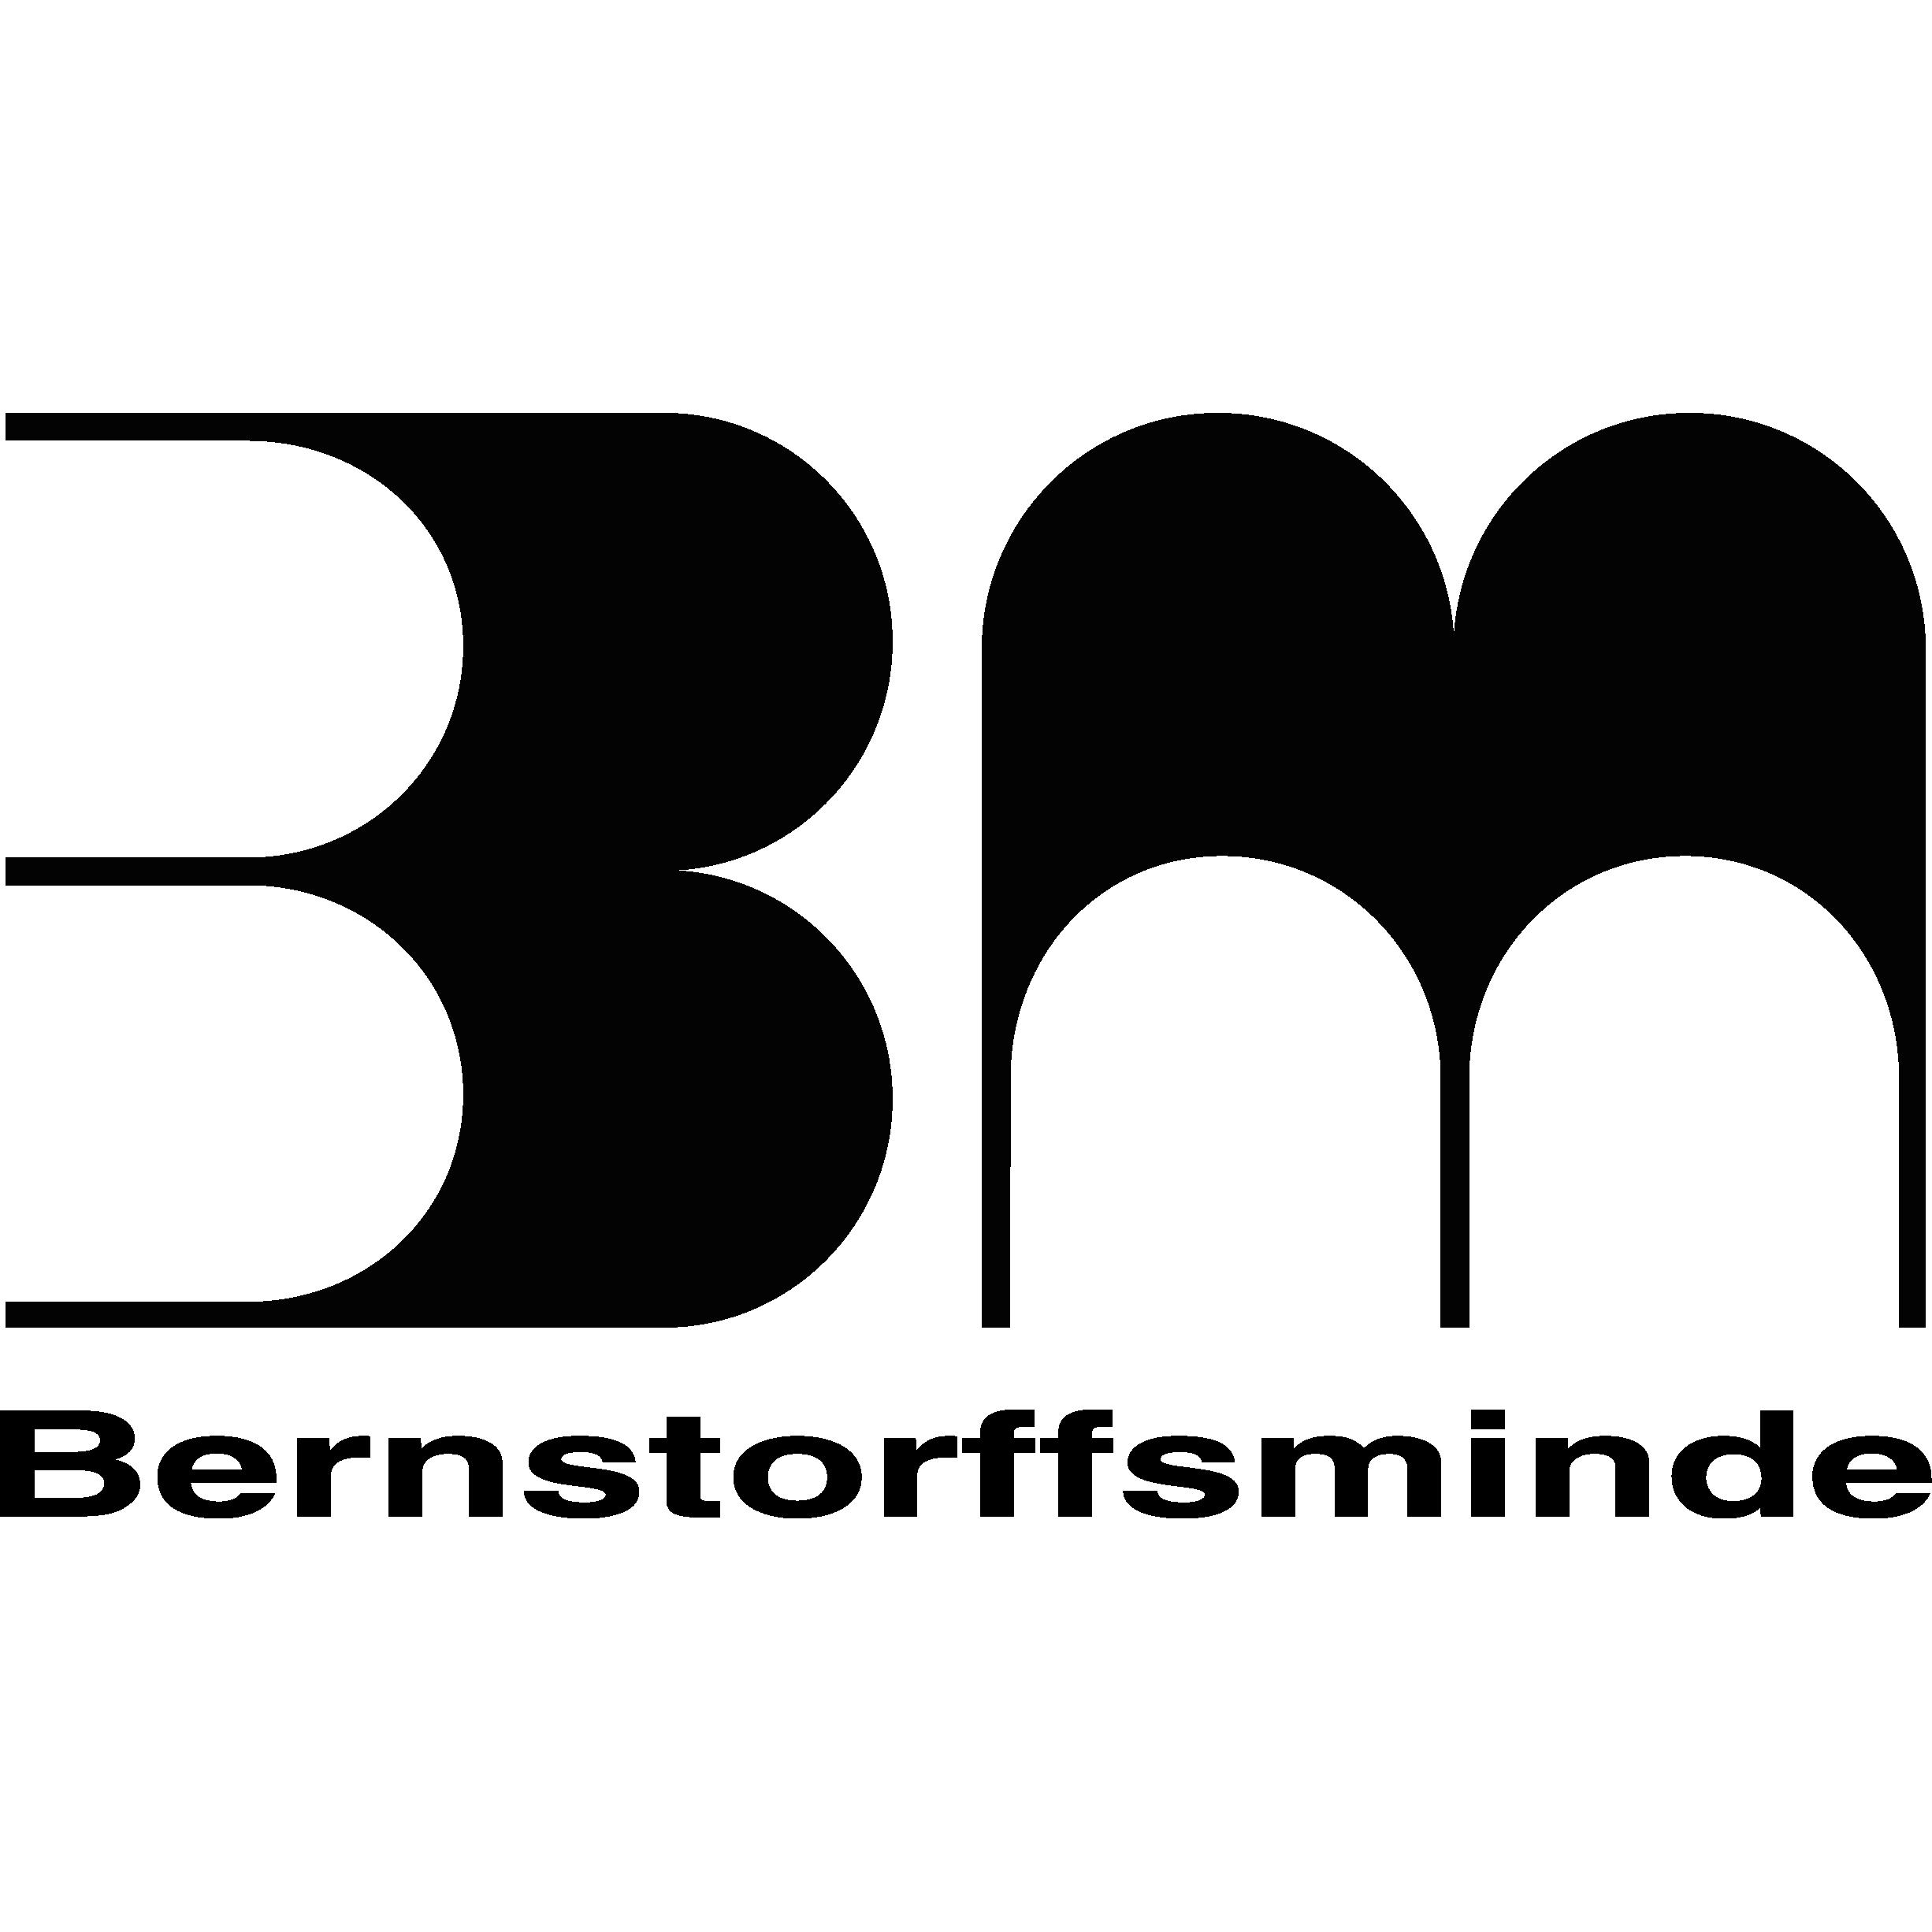 Bernstorffsminde logo